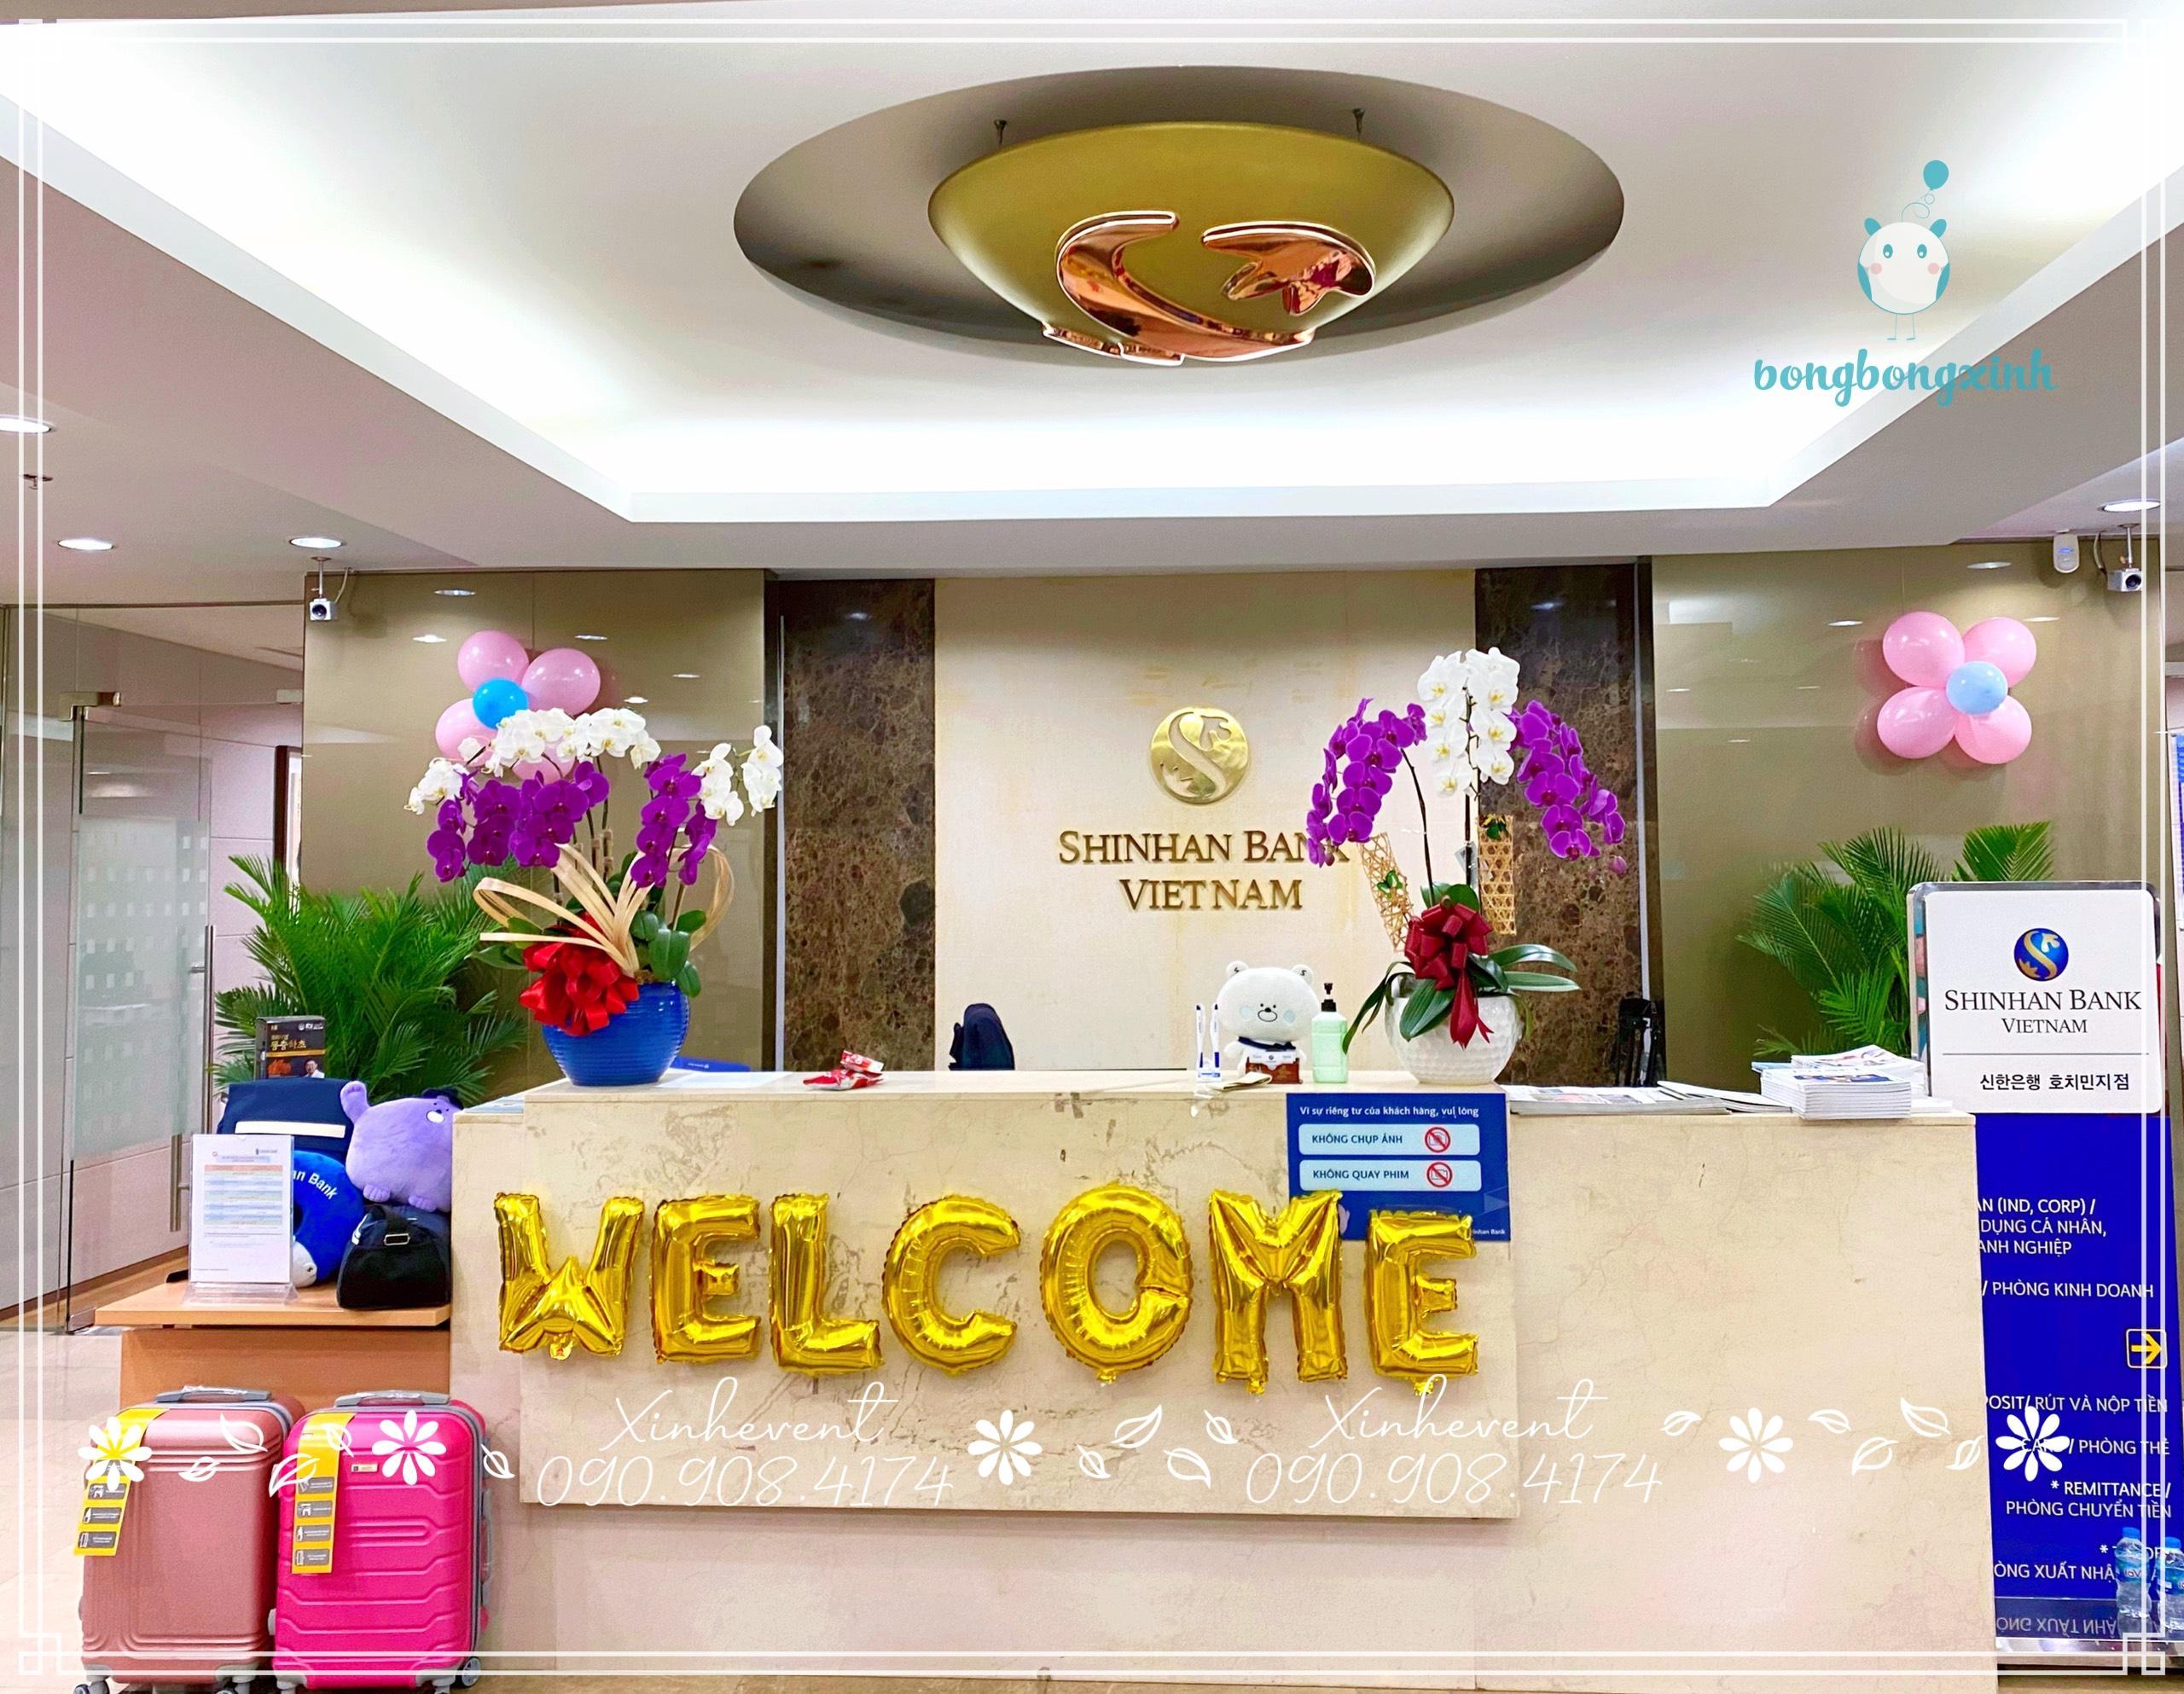 Cận cảnh ngân hàng Shinhan Bank